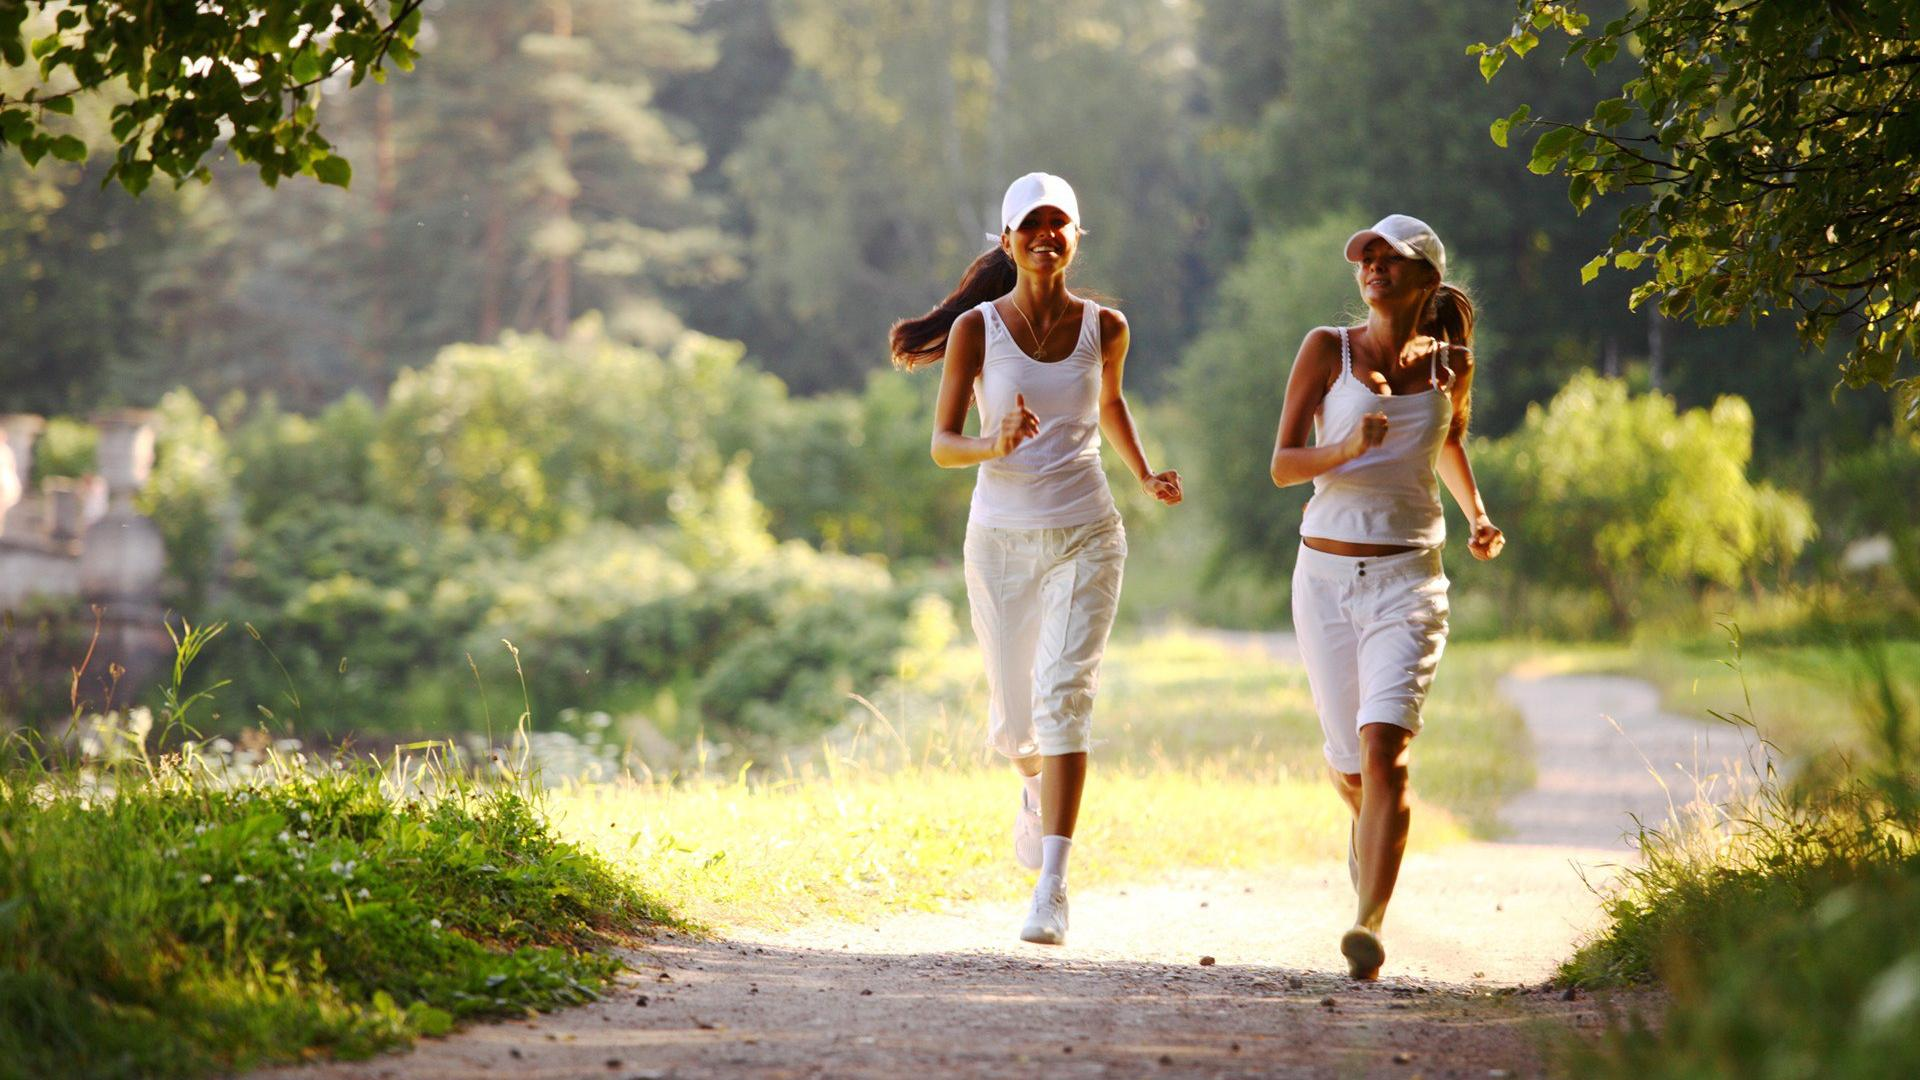 Короткая бодрая прогулка может заменить чашку кофе